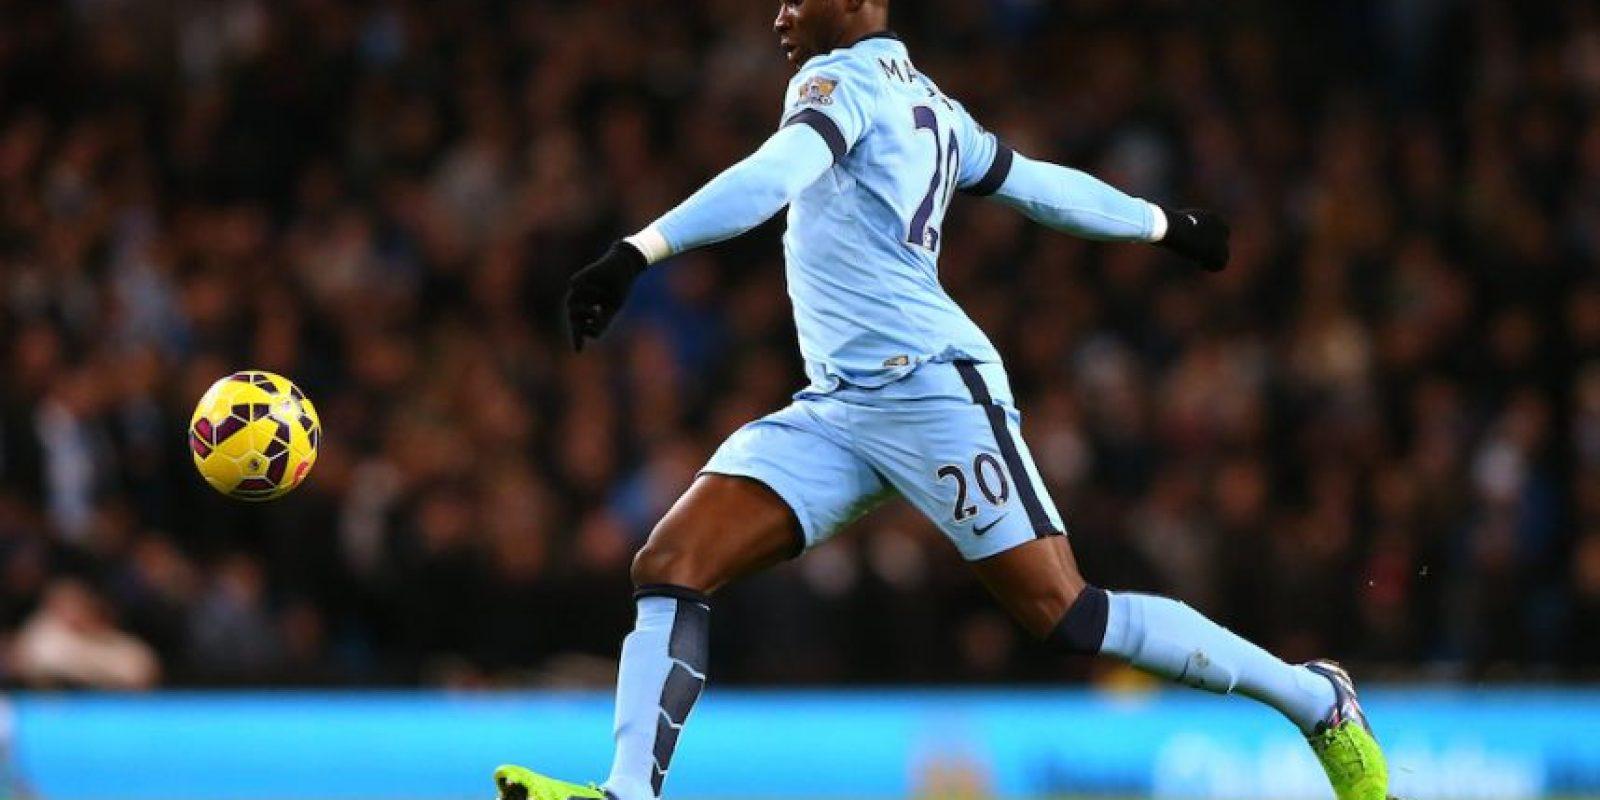 El jugador francés de 23 años de edad fue fichado por el Manchester City inglés proveniente del Porto de Portugal. Foto:Getty Images